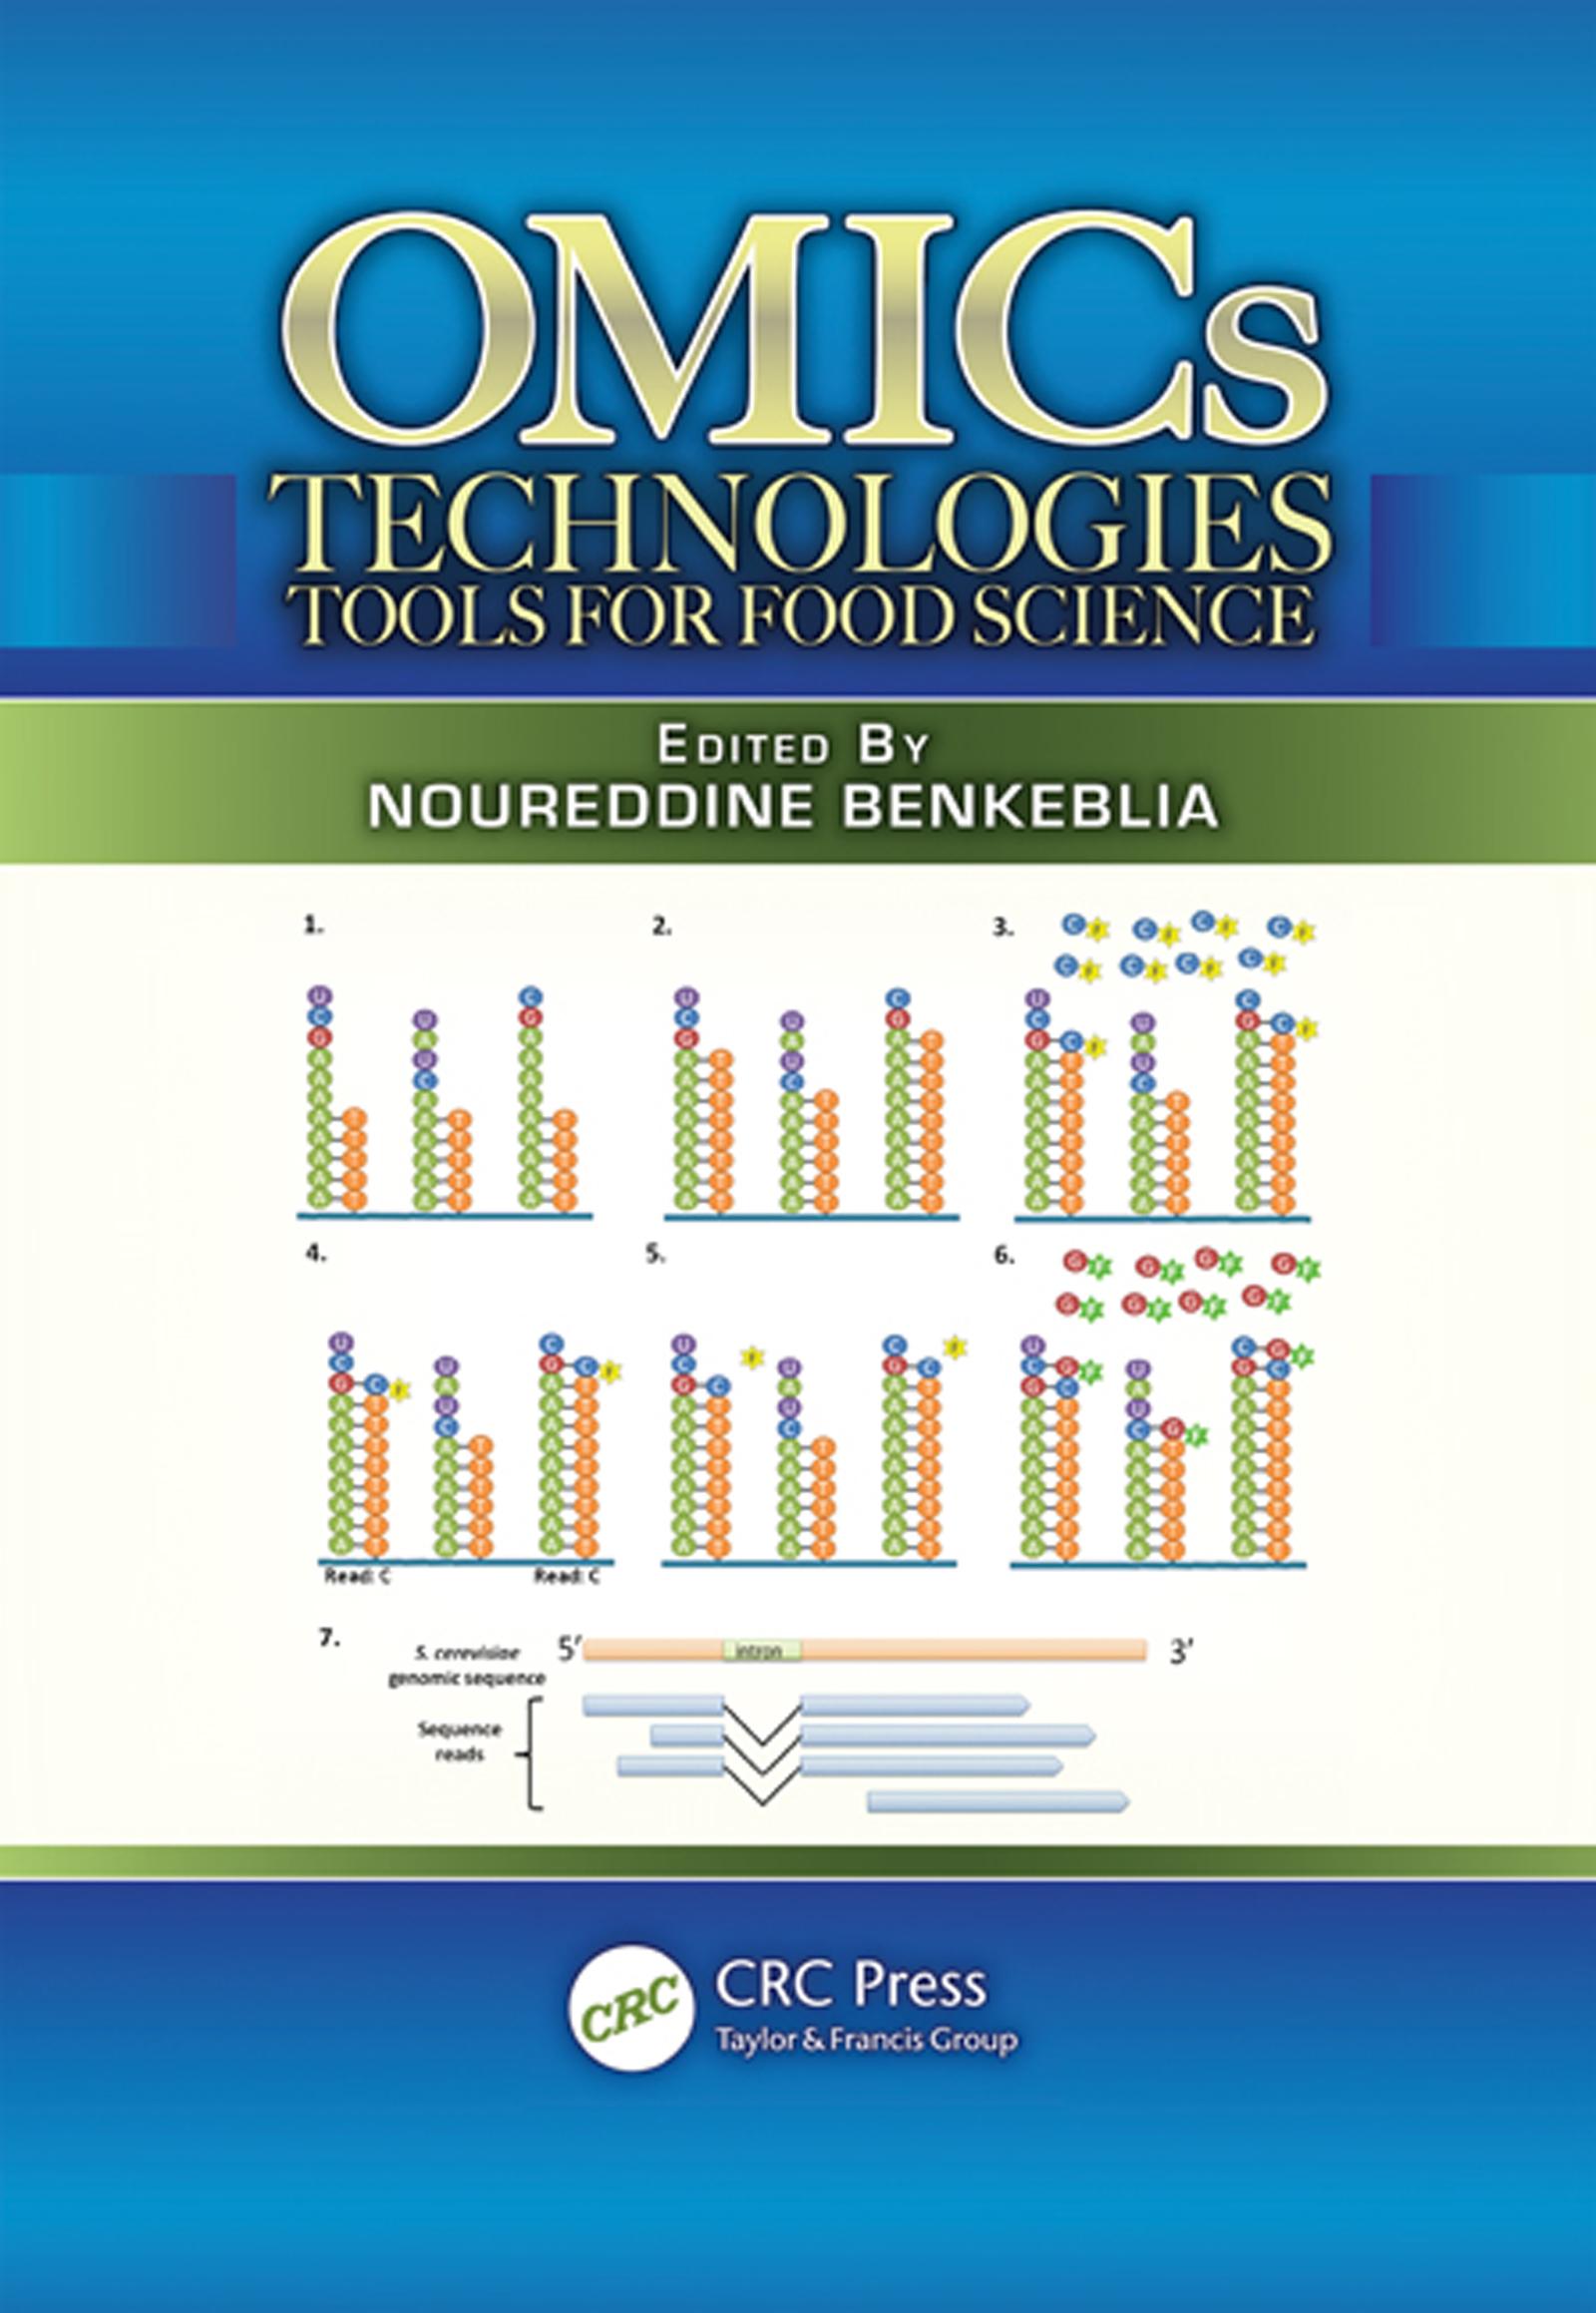 OMICs Technologies